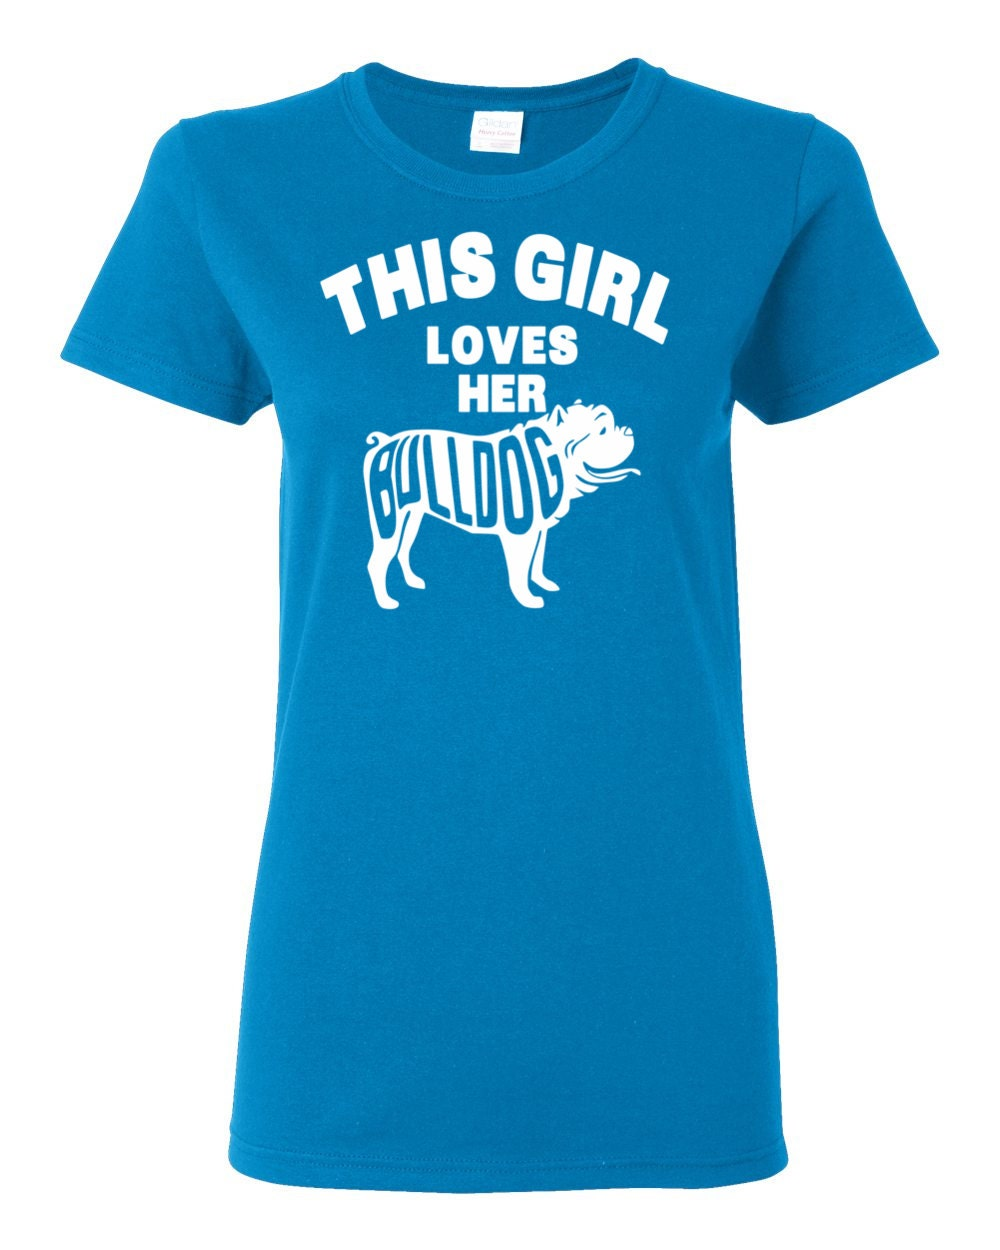 Bulldog T-shirt - This Girl Loves Her Bulldog - My Dog Bulldog Womens T-shirt